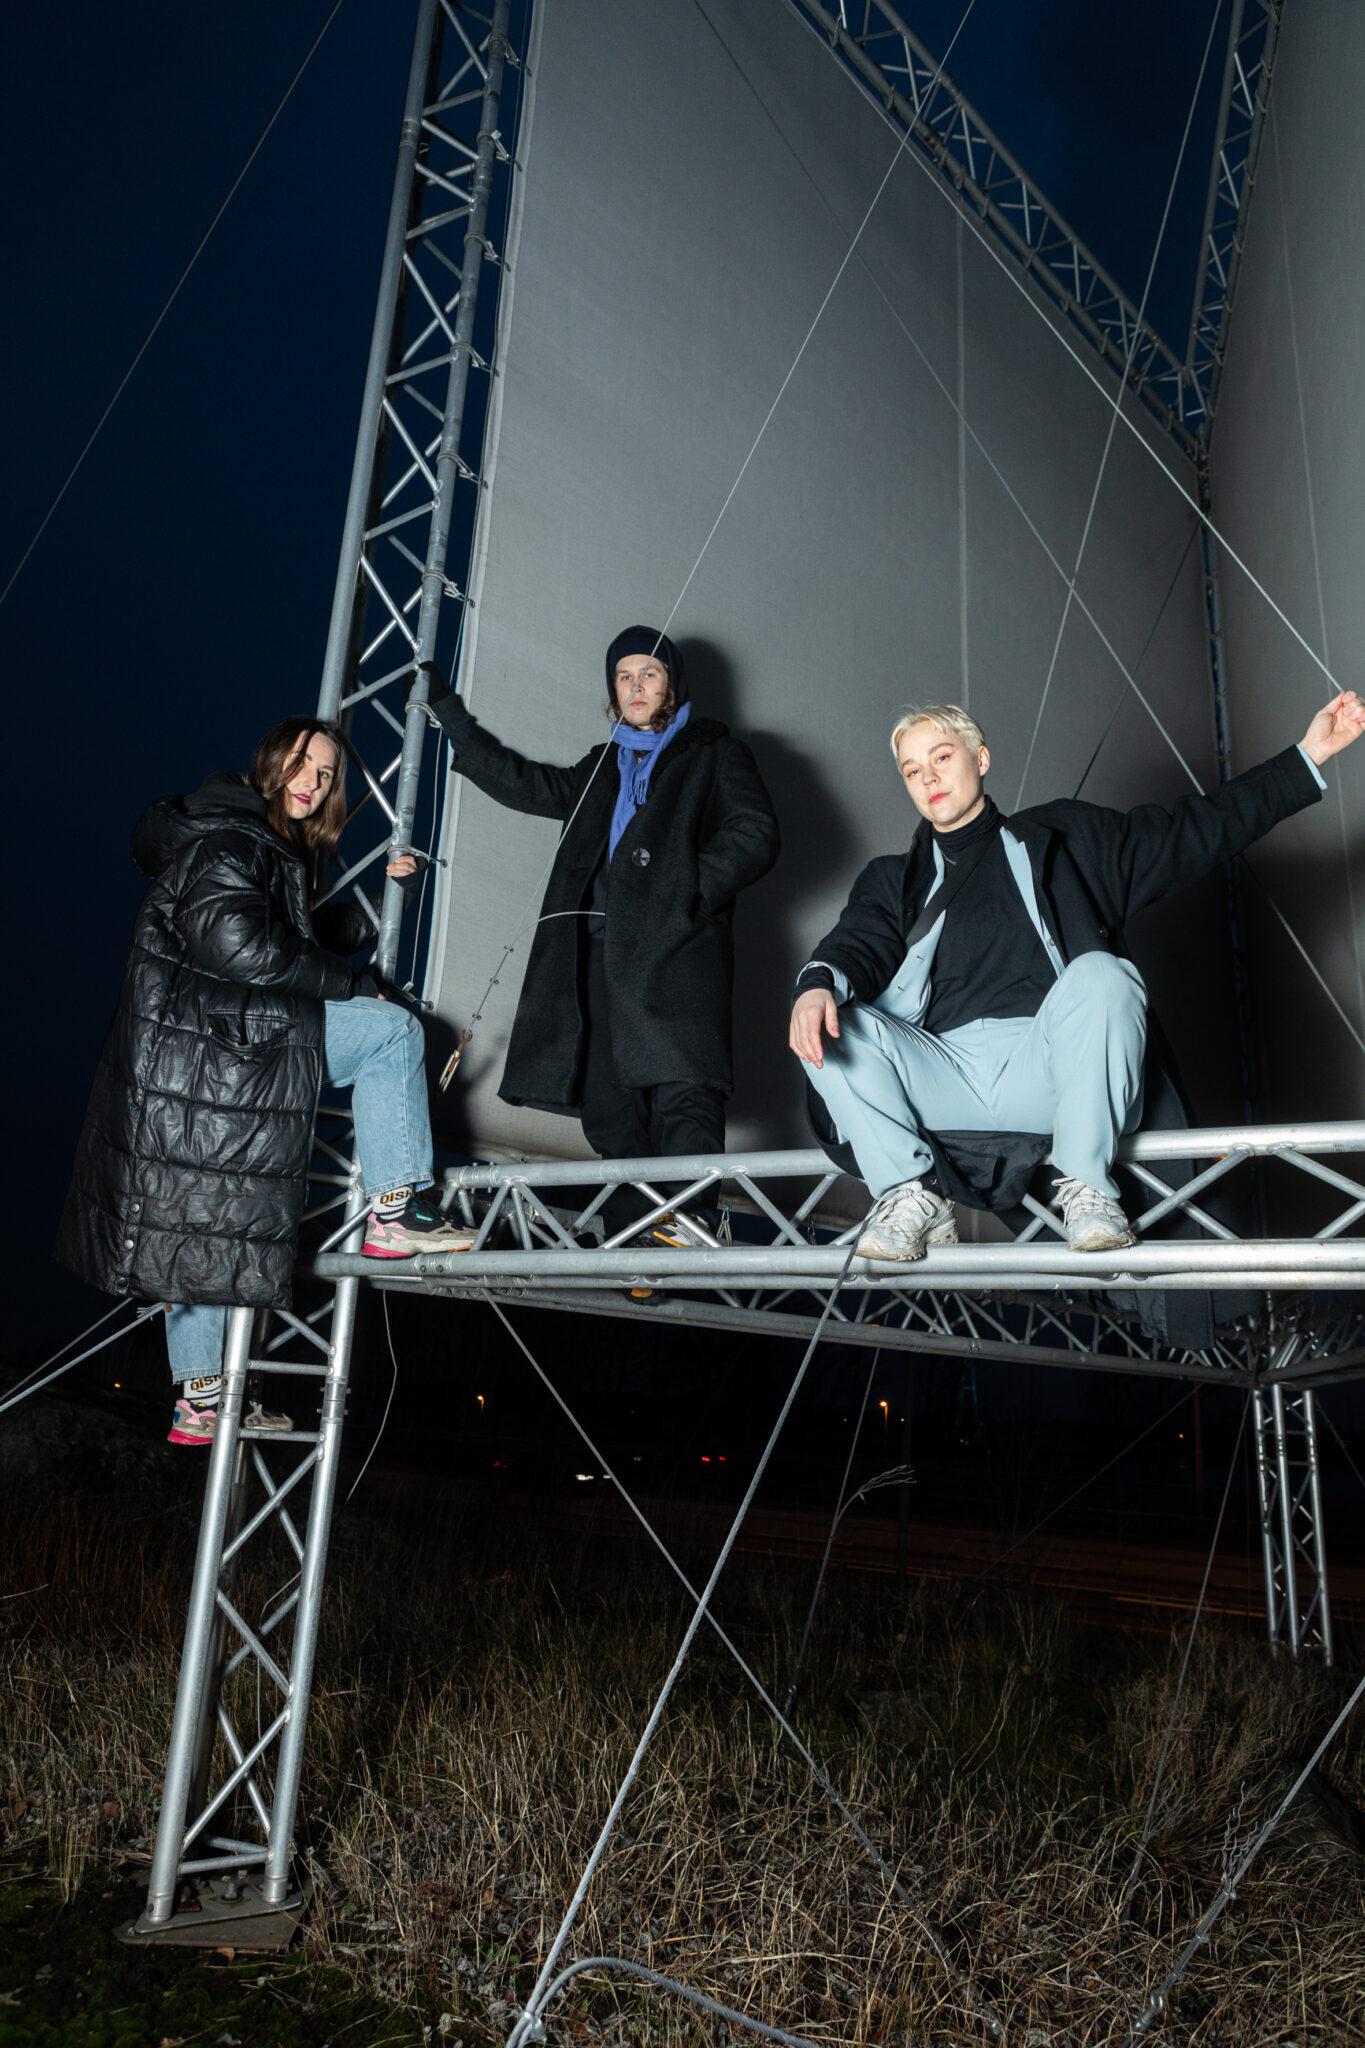 Yhtyeen jäsenet ovat kiivenneet isoon tienvarsimainokseen jossa poseeraavat kameralle. Taustalla öinen taivas.